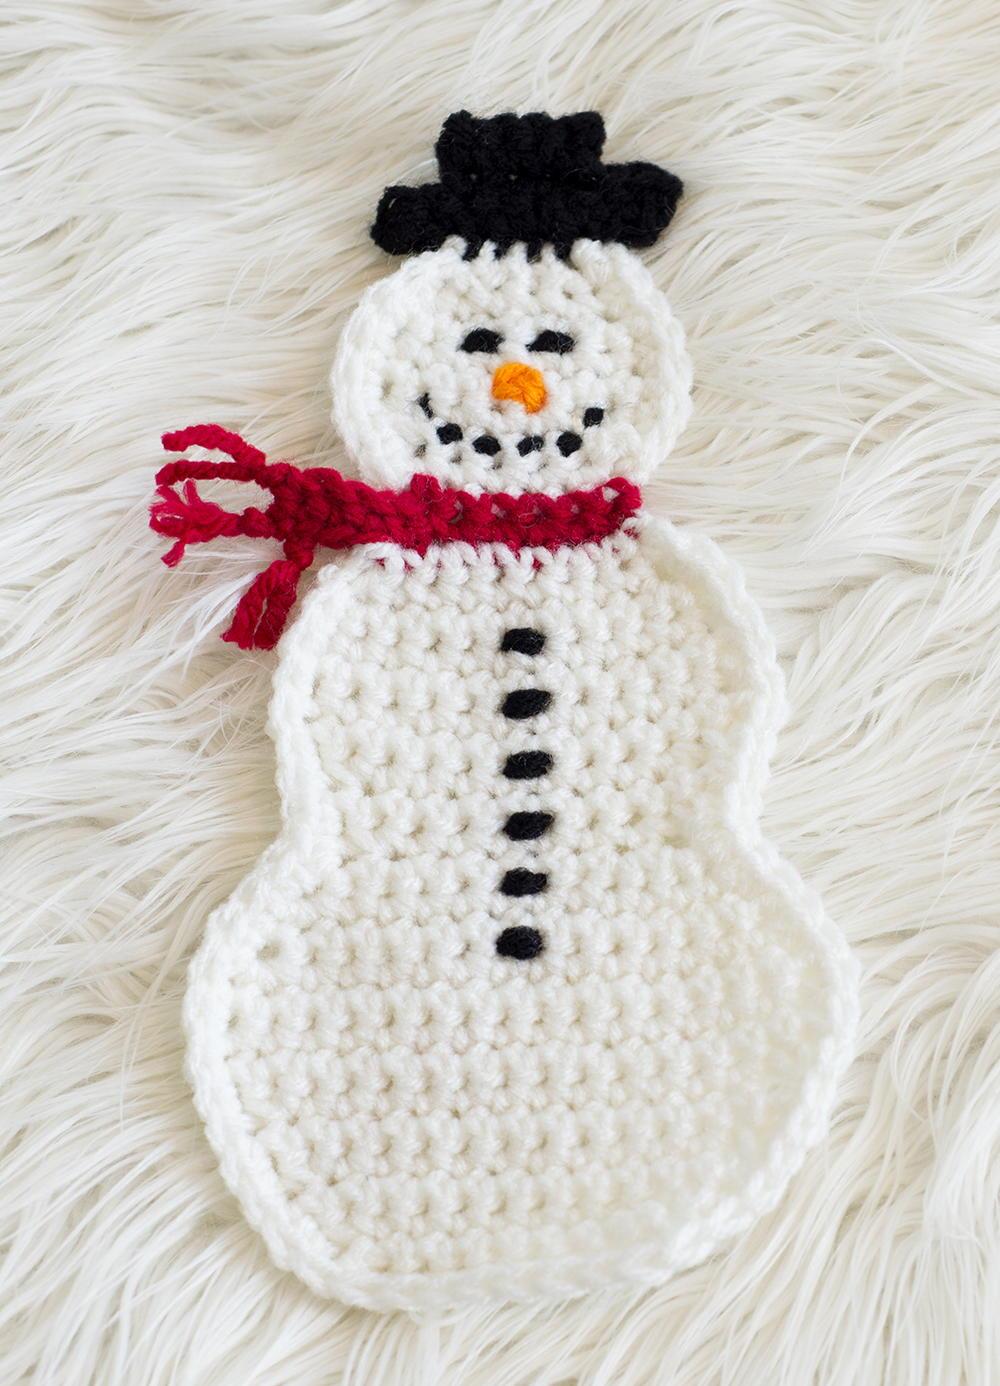 Knit Potholder Patterns : Snowman Pot Holder Pattern FaveCrafts.com